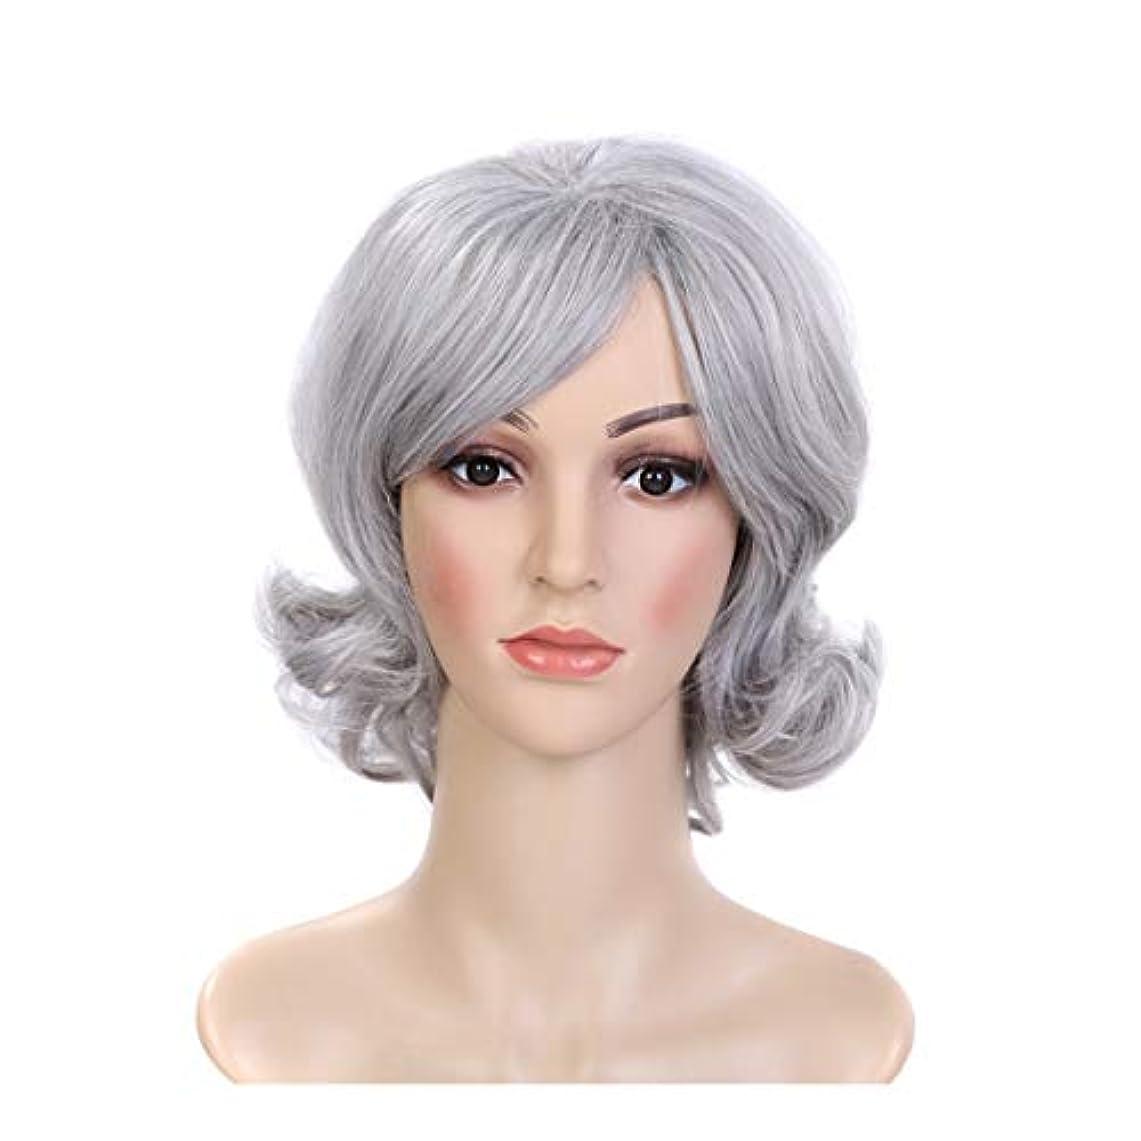 統治可能セールスマン関連するYOUQIU ホワイト色のウィッグ女性の女の子のかつらのためのショートカーリーヘア合成ふわふわフルウィッグ (色 : Silver grey/grand ash)